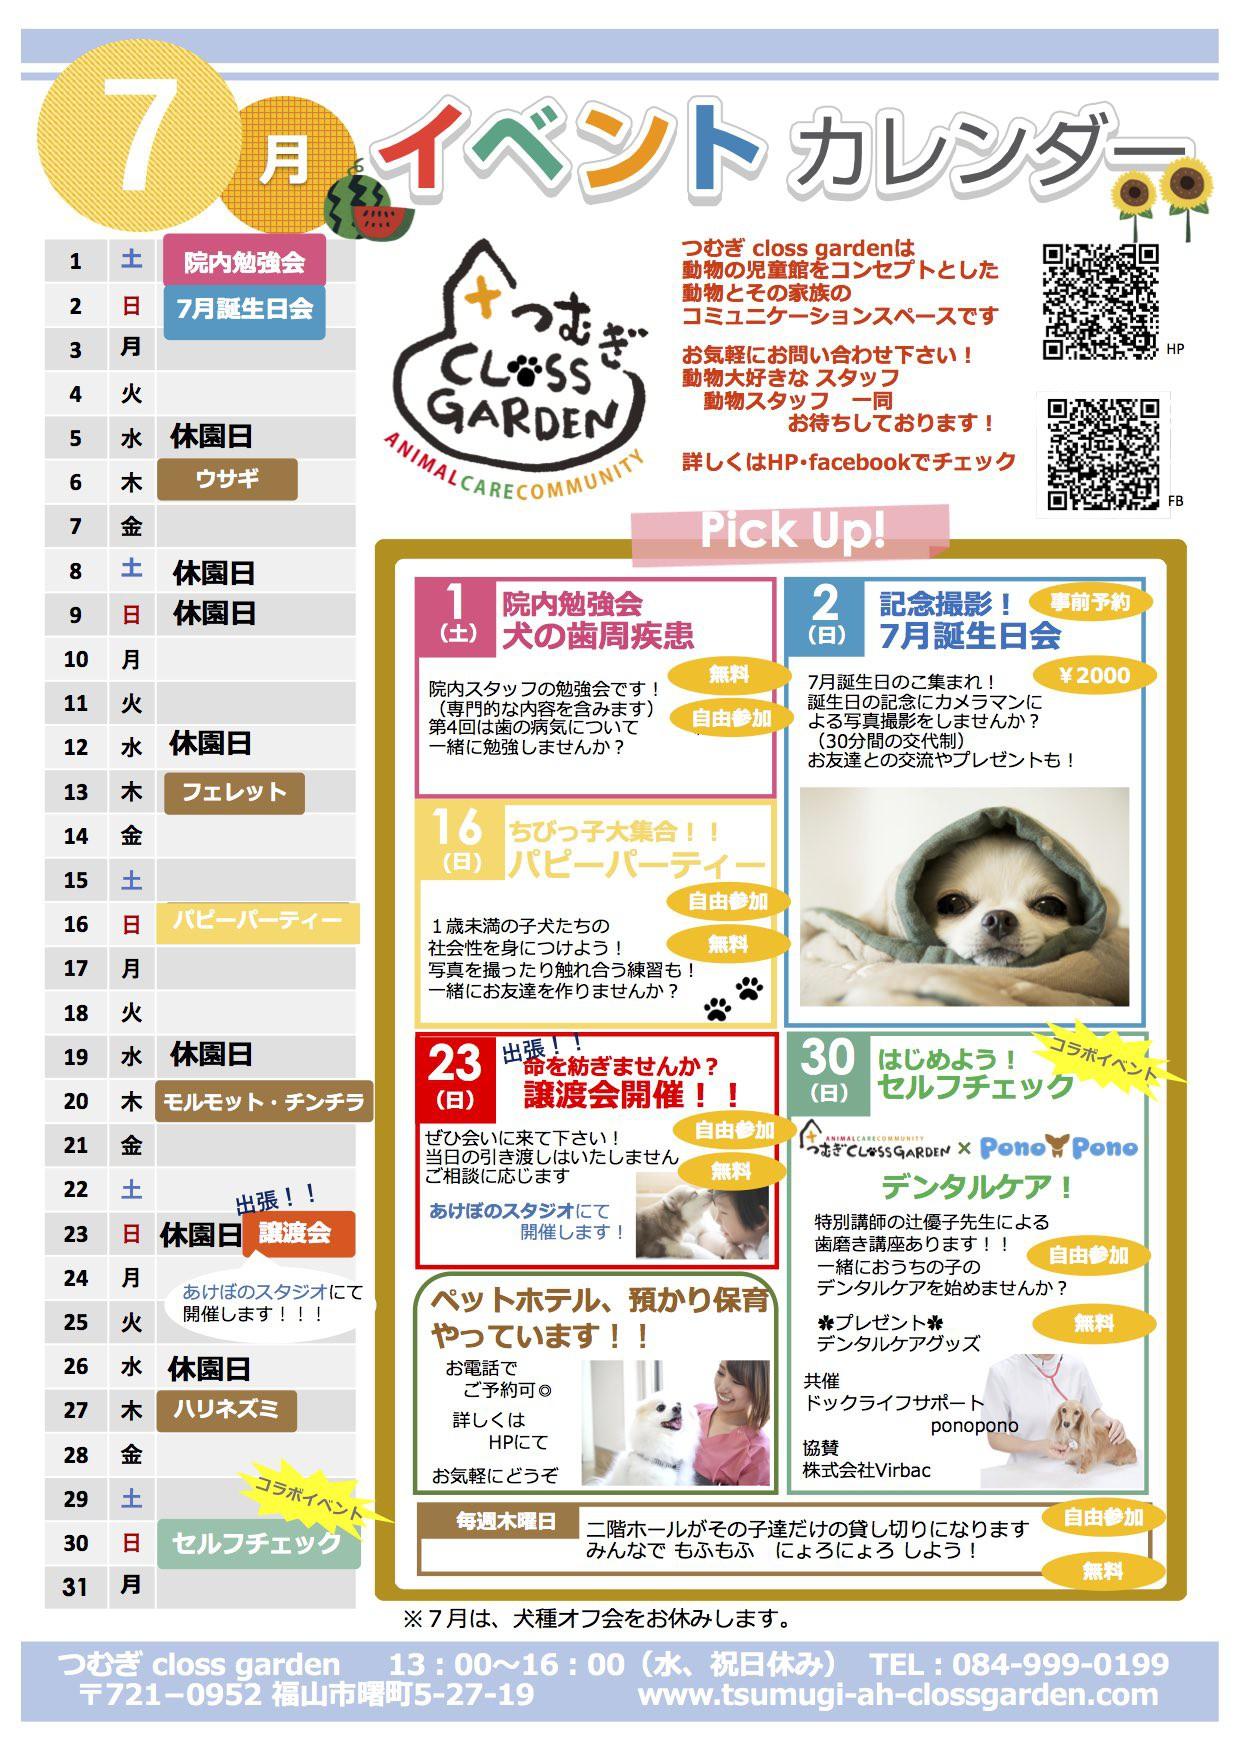 7月 イベントカレンダー 完成